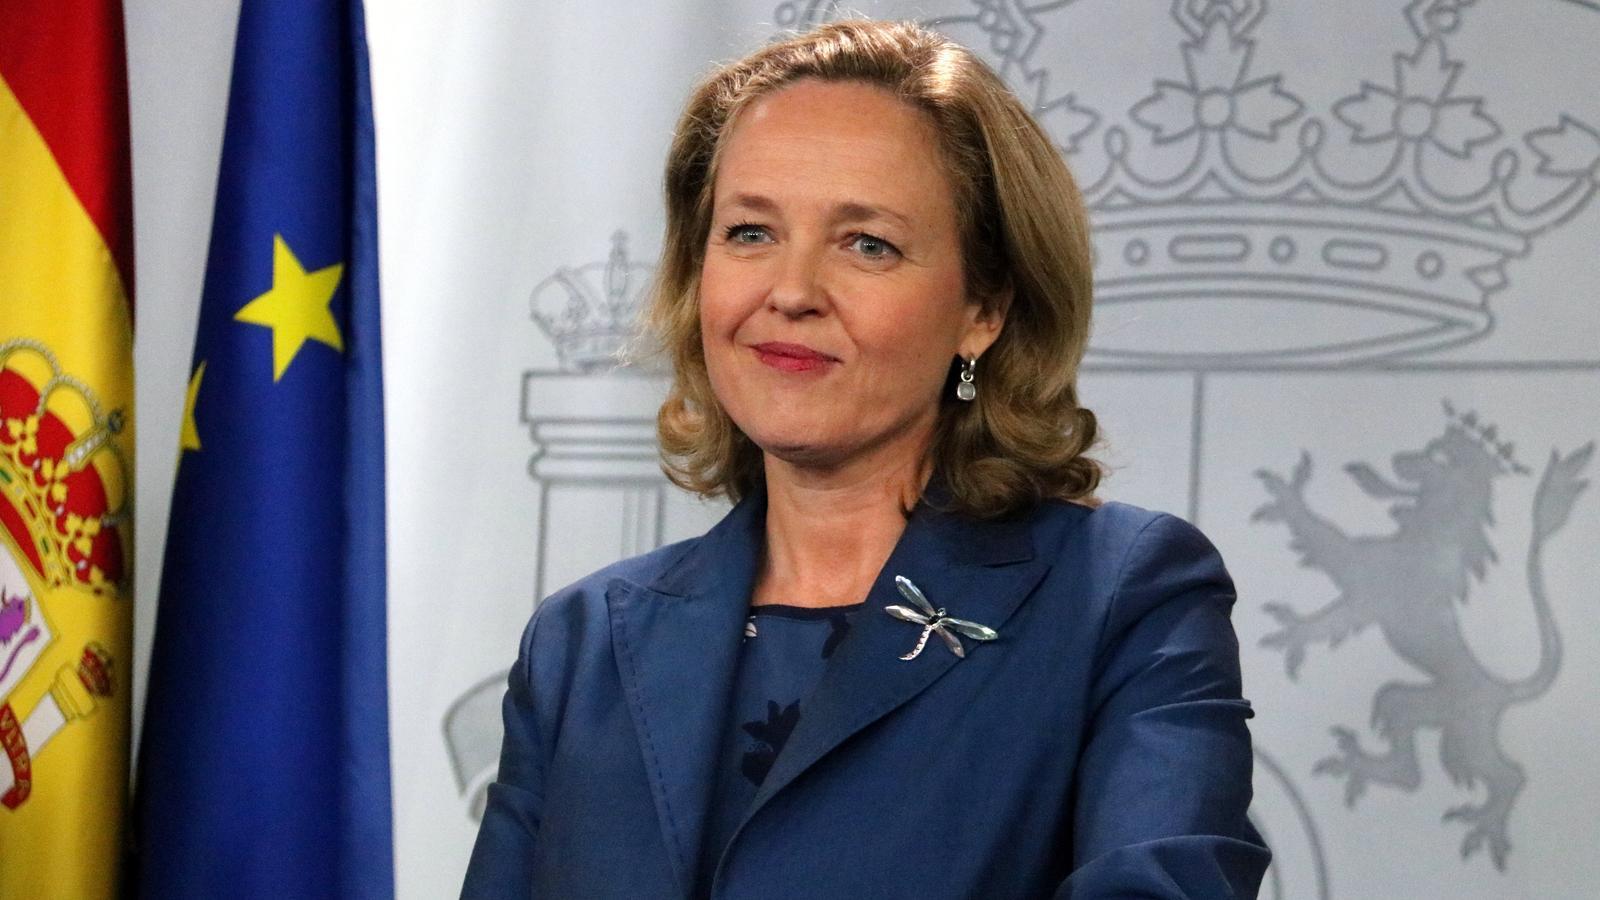 La ministra d'Economia, Nadia Calviño, en una imatge d'arxiu